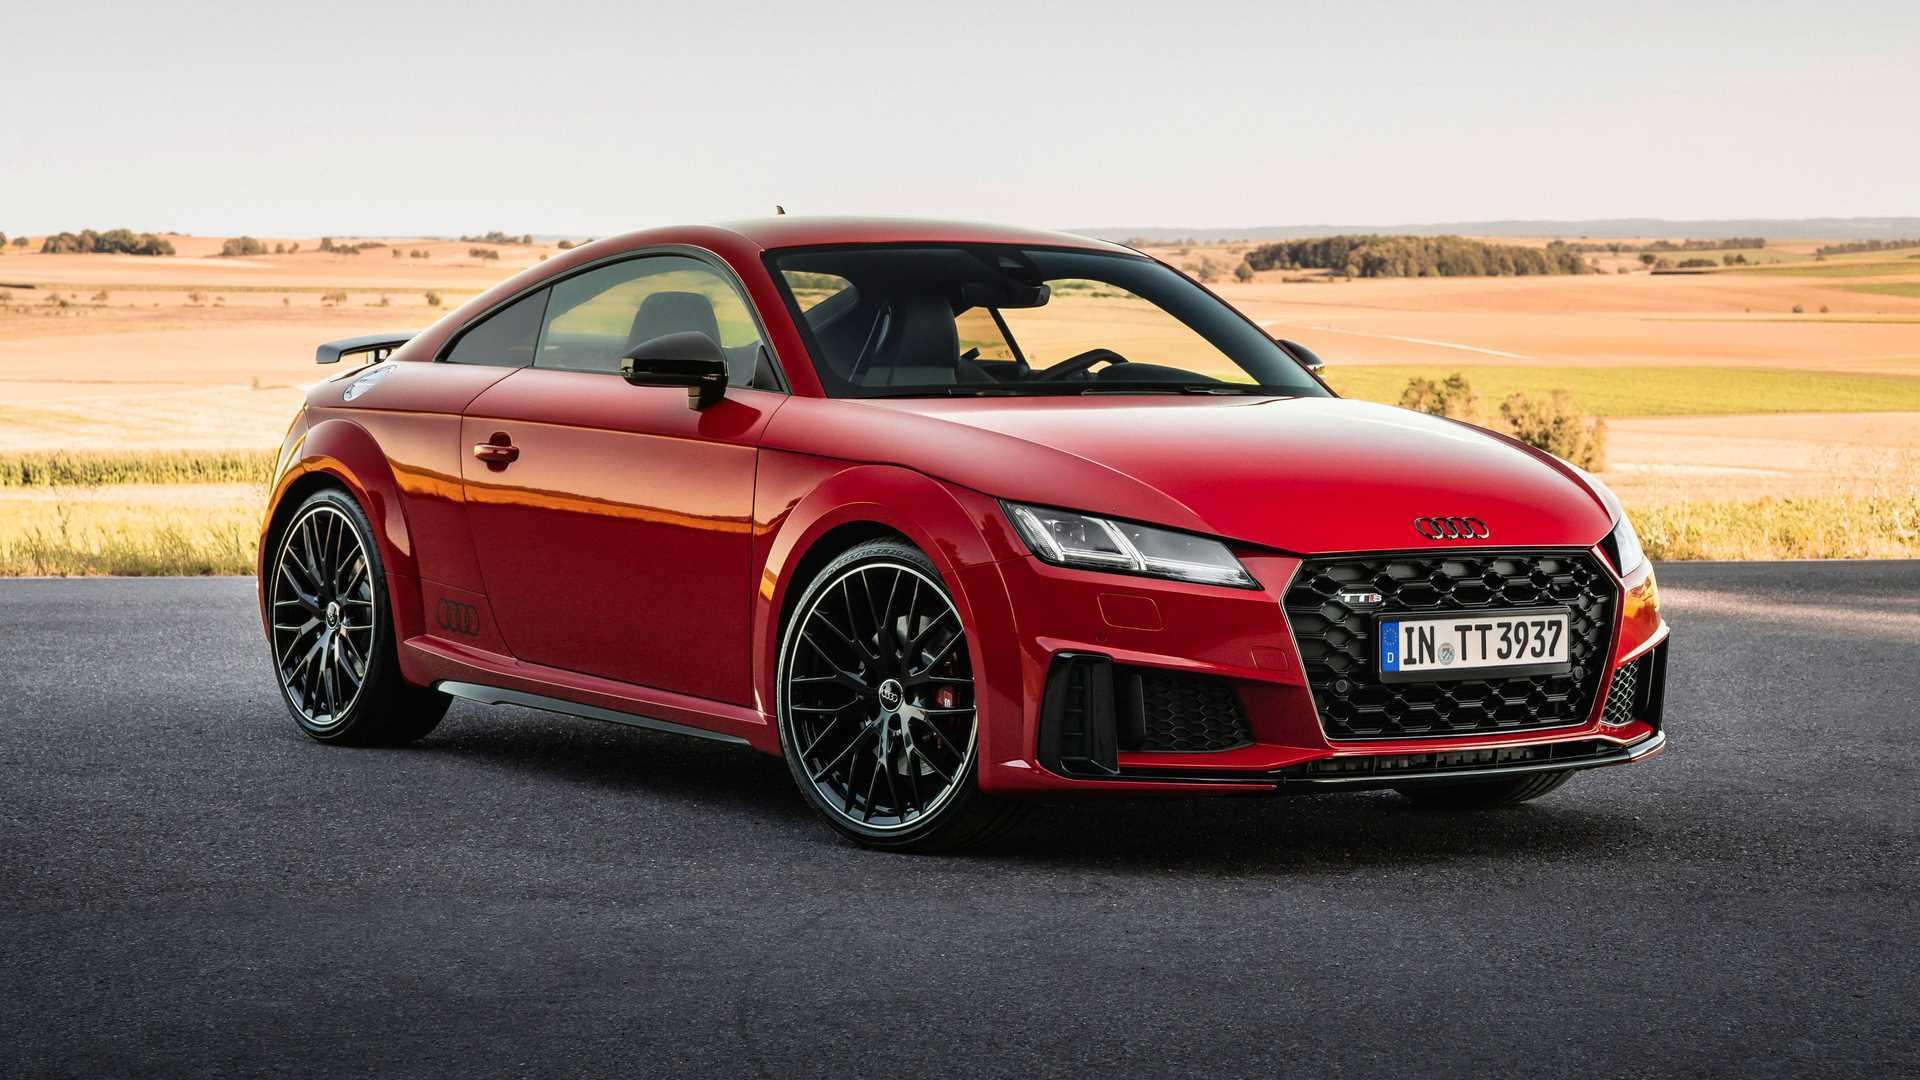 Kelebihan Kekurangan Audi Tts Coupe Review